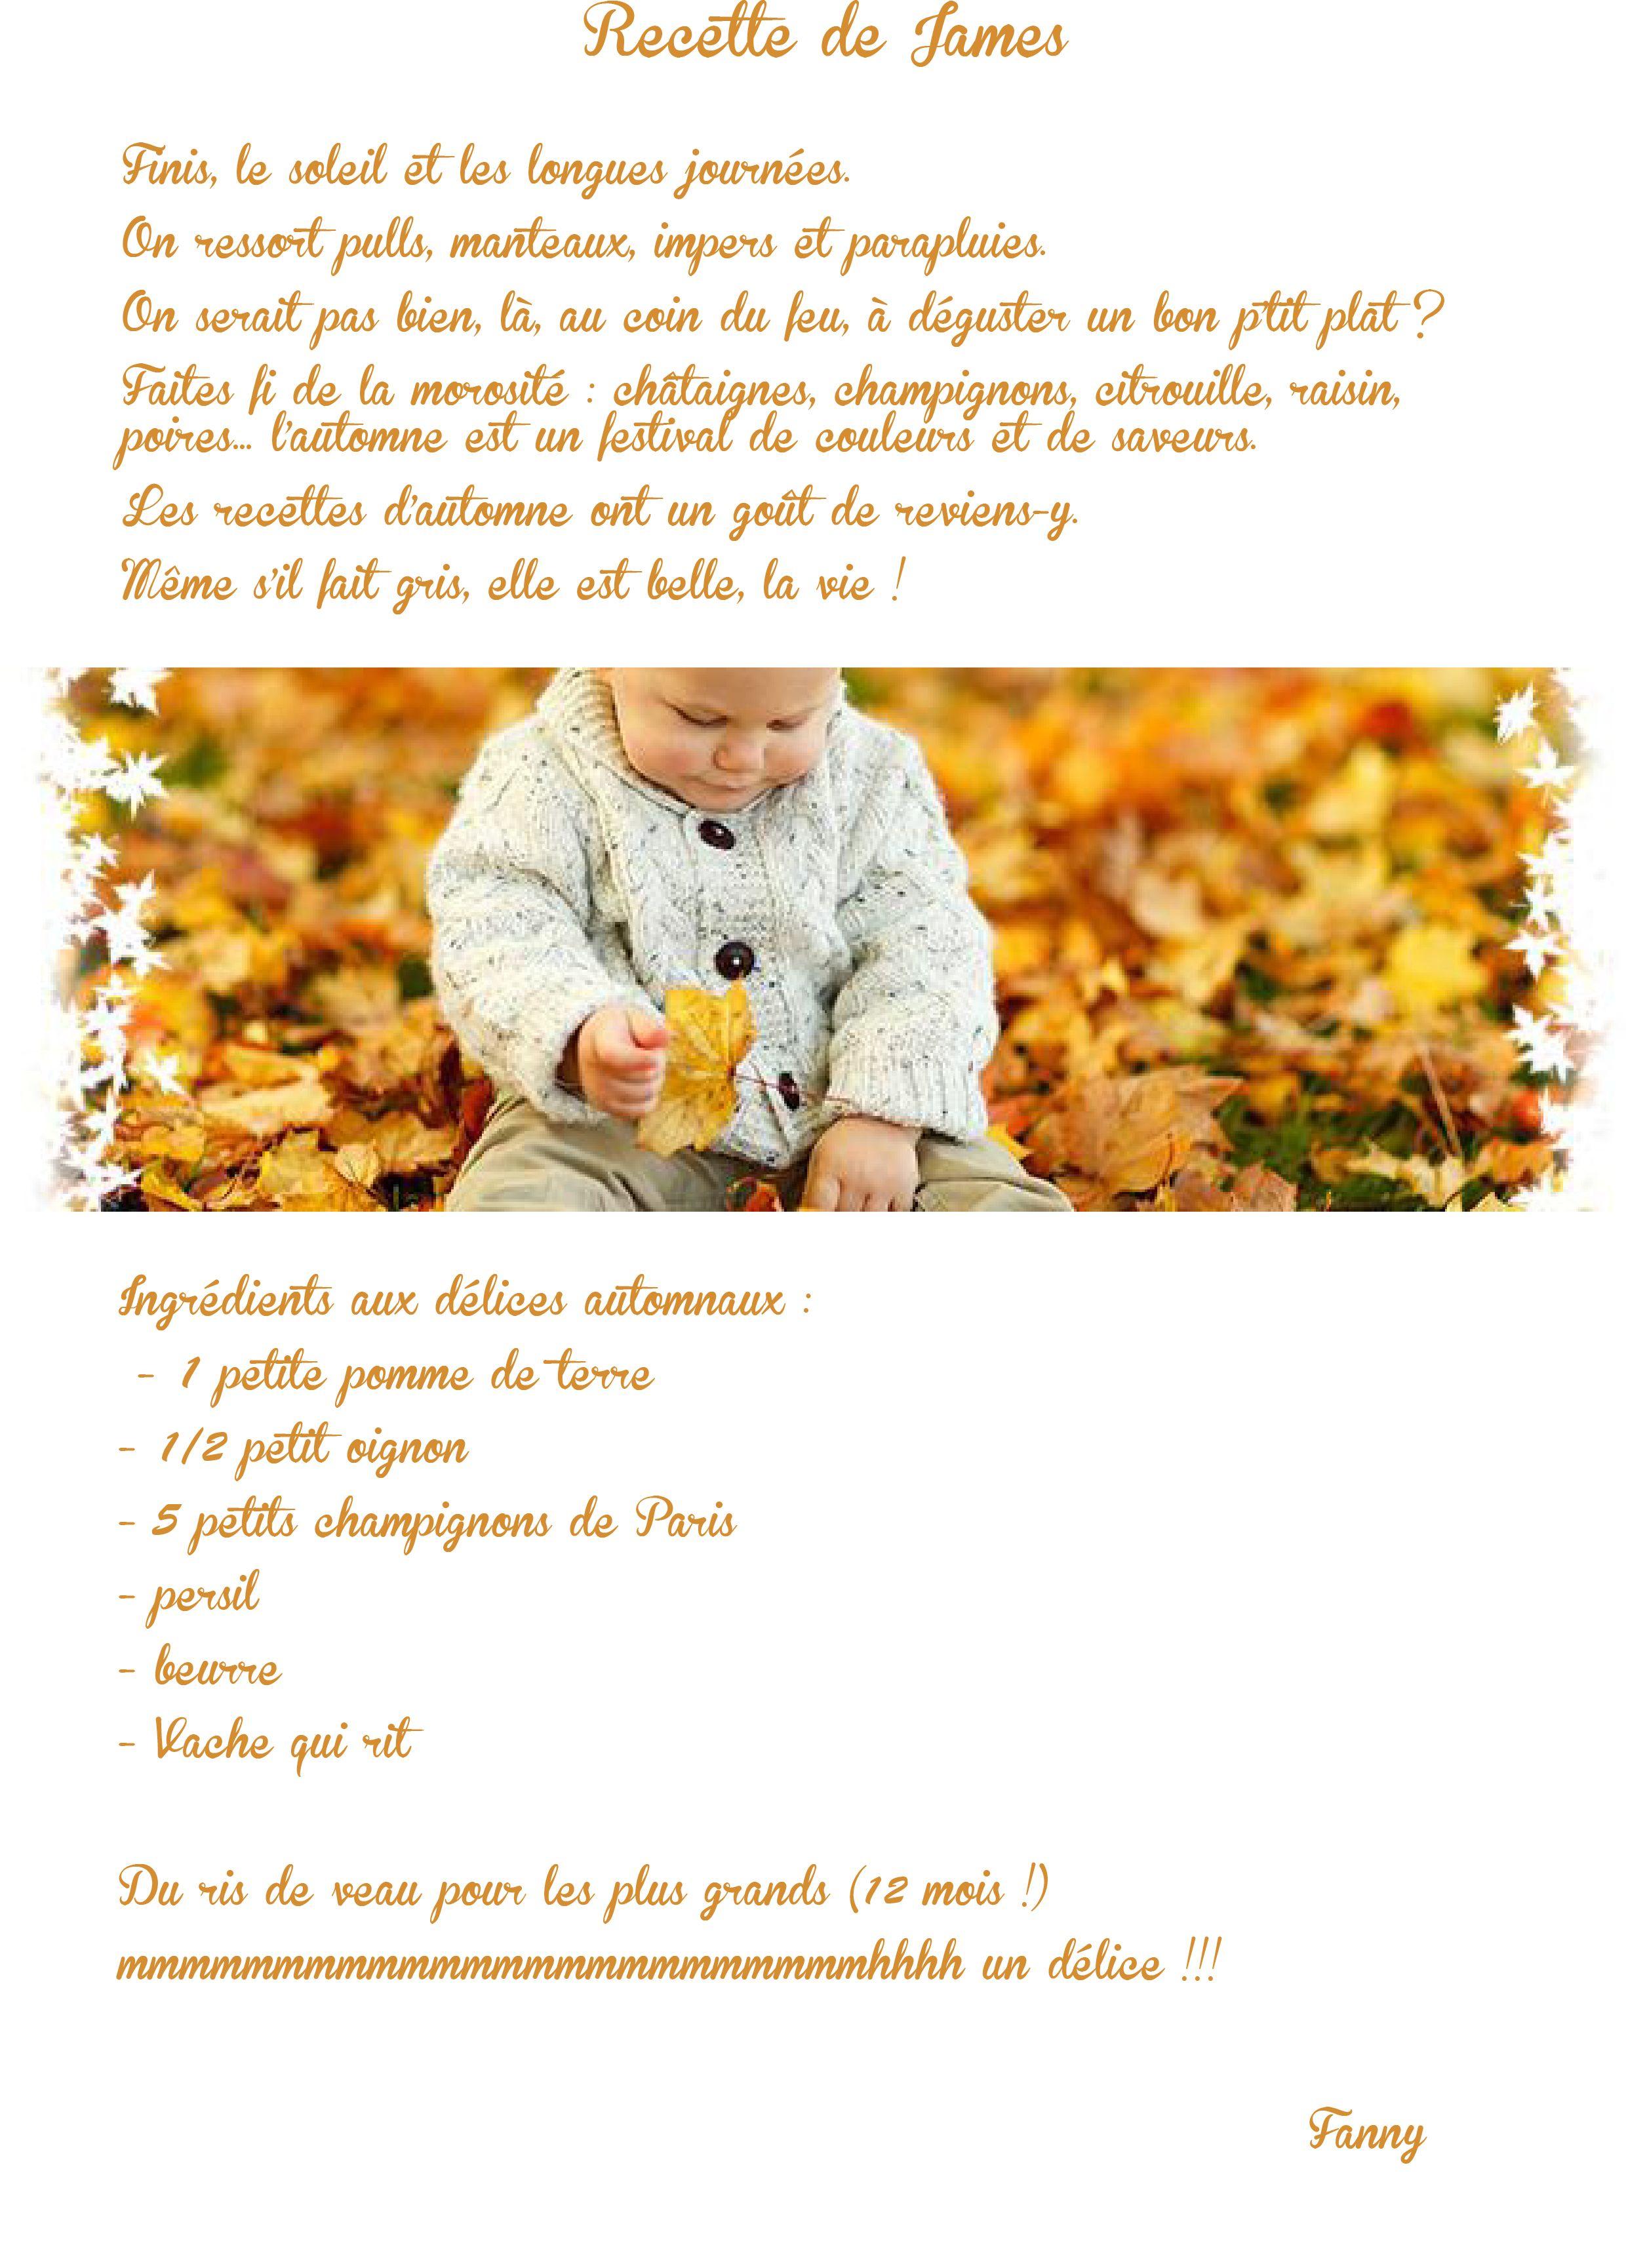 recette de James, spéciale automne